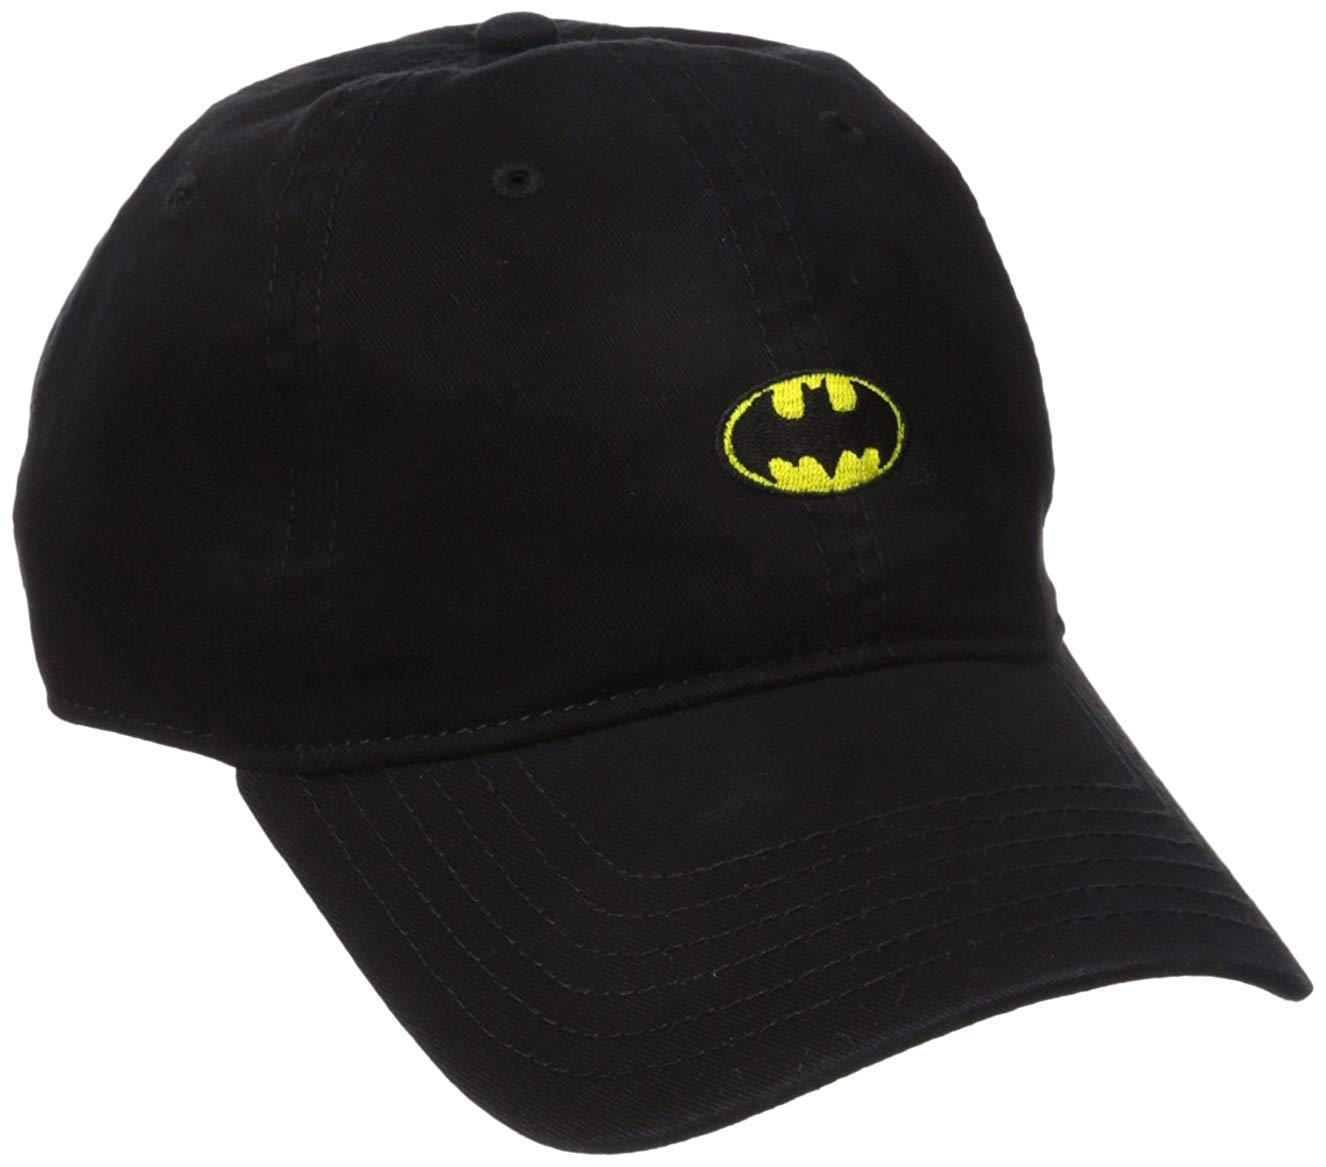 detailed look 3a10d ba904 Get Quotations · Batman Men s Washed Twill Baseball Cap